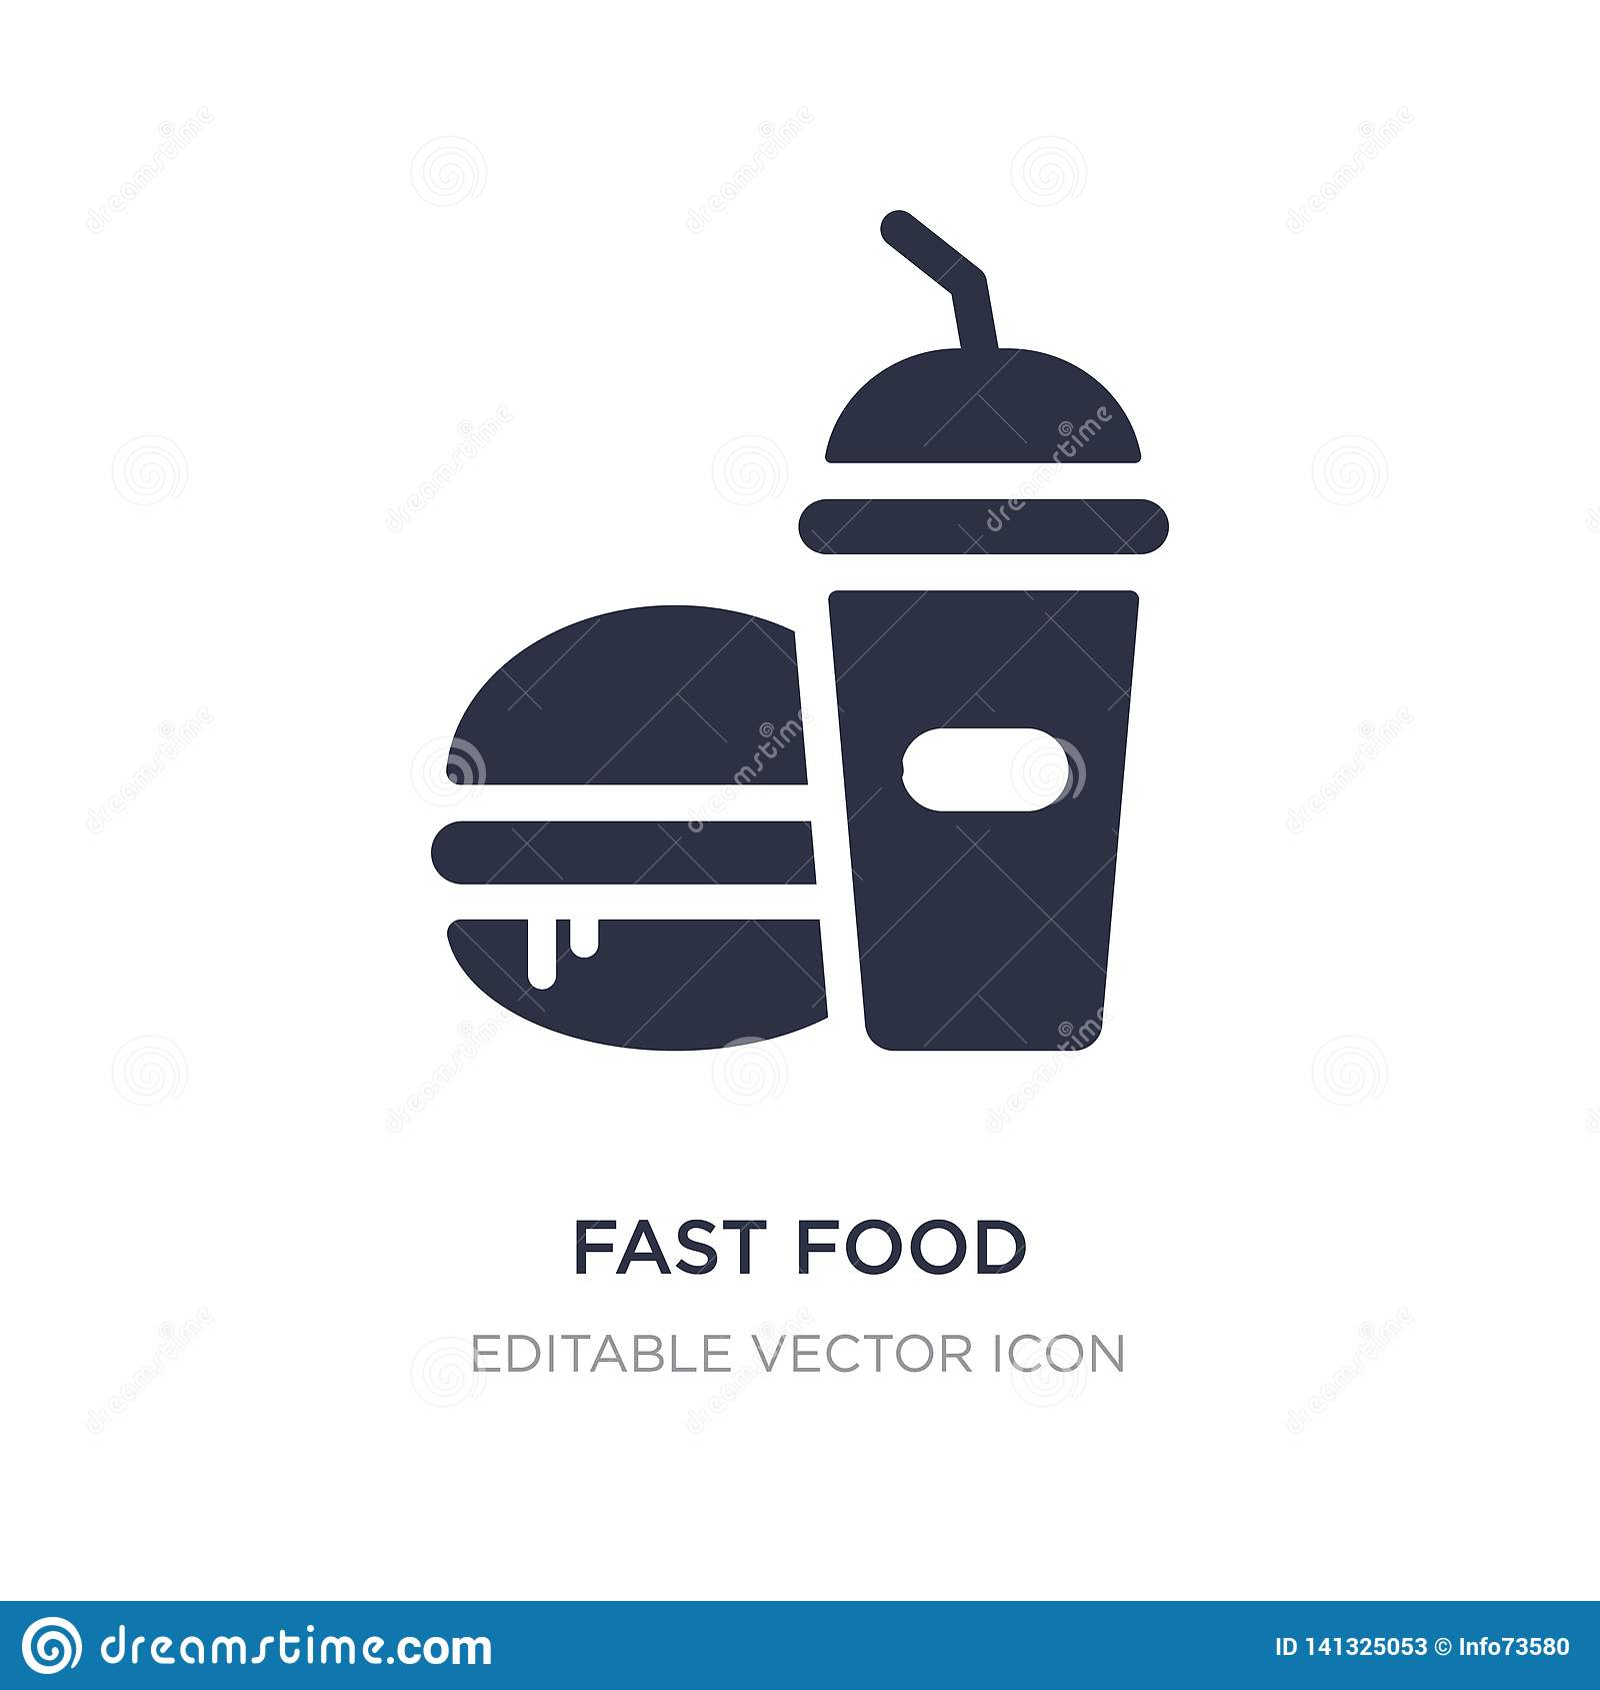 εικονίδιο εστιατορίων γρήγορου φαγητού στο άσπρο υπόβαθρο Απλή απεικόνιση στοιχείων από την έννοια τροφίμων